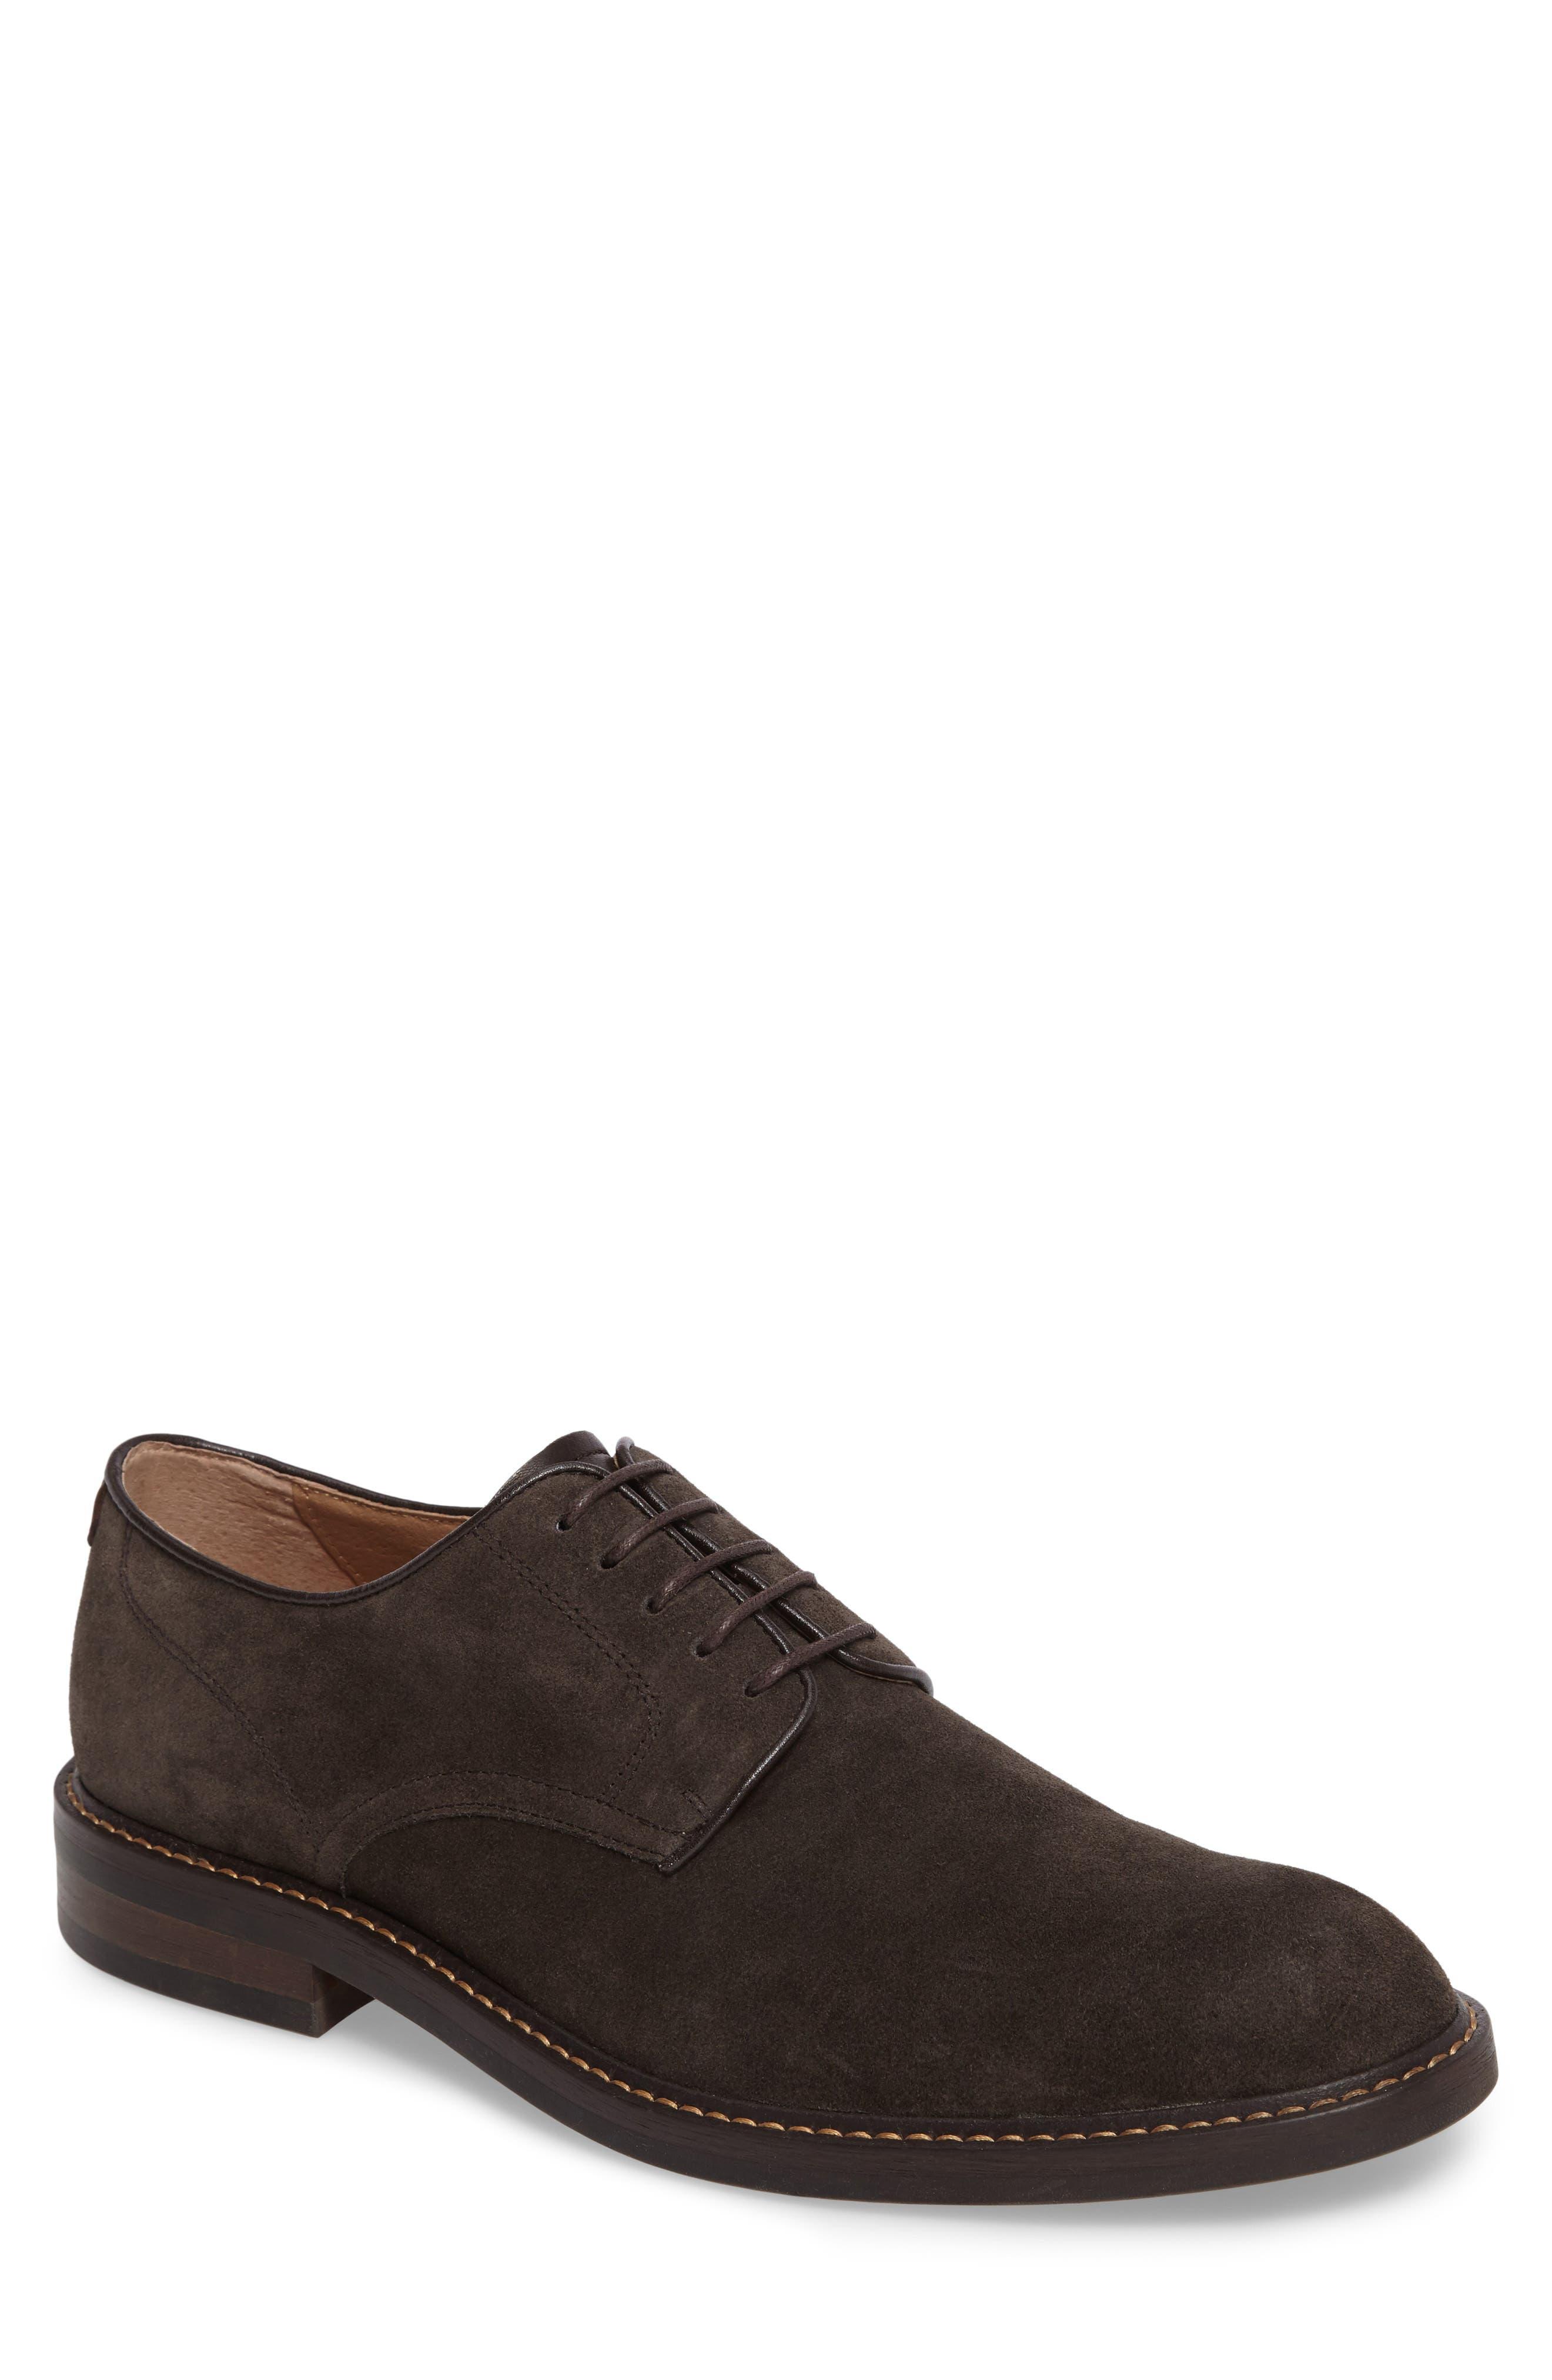 Byron Buck Shoe,                         Main,                         color, Carbon Suede